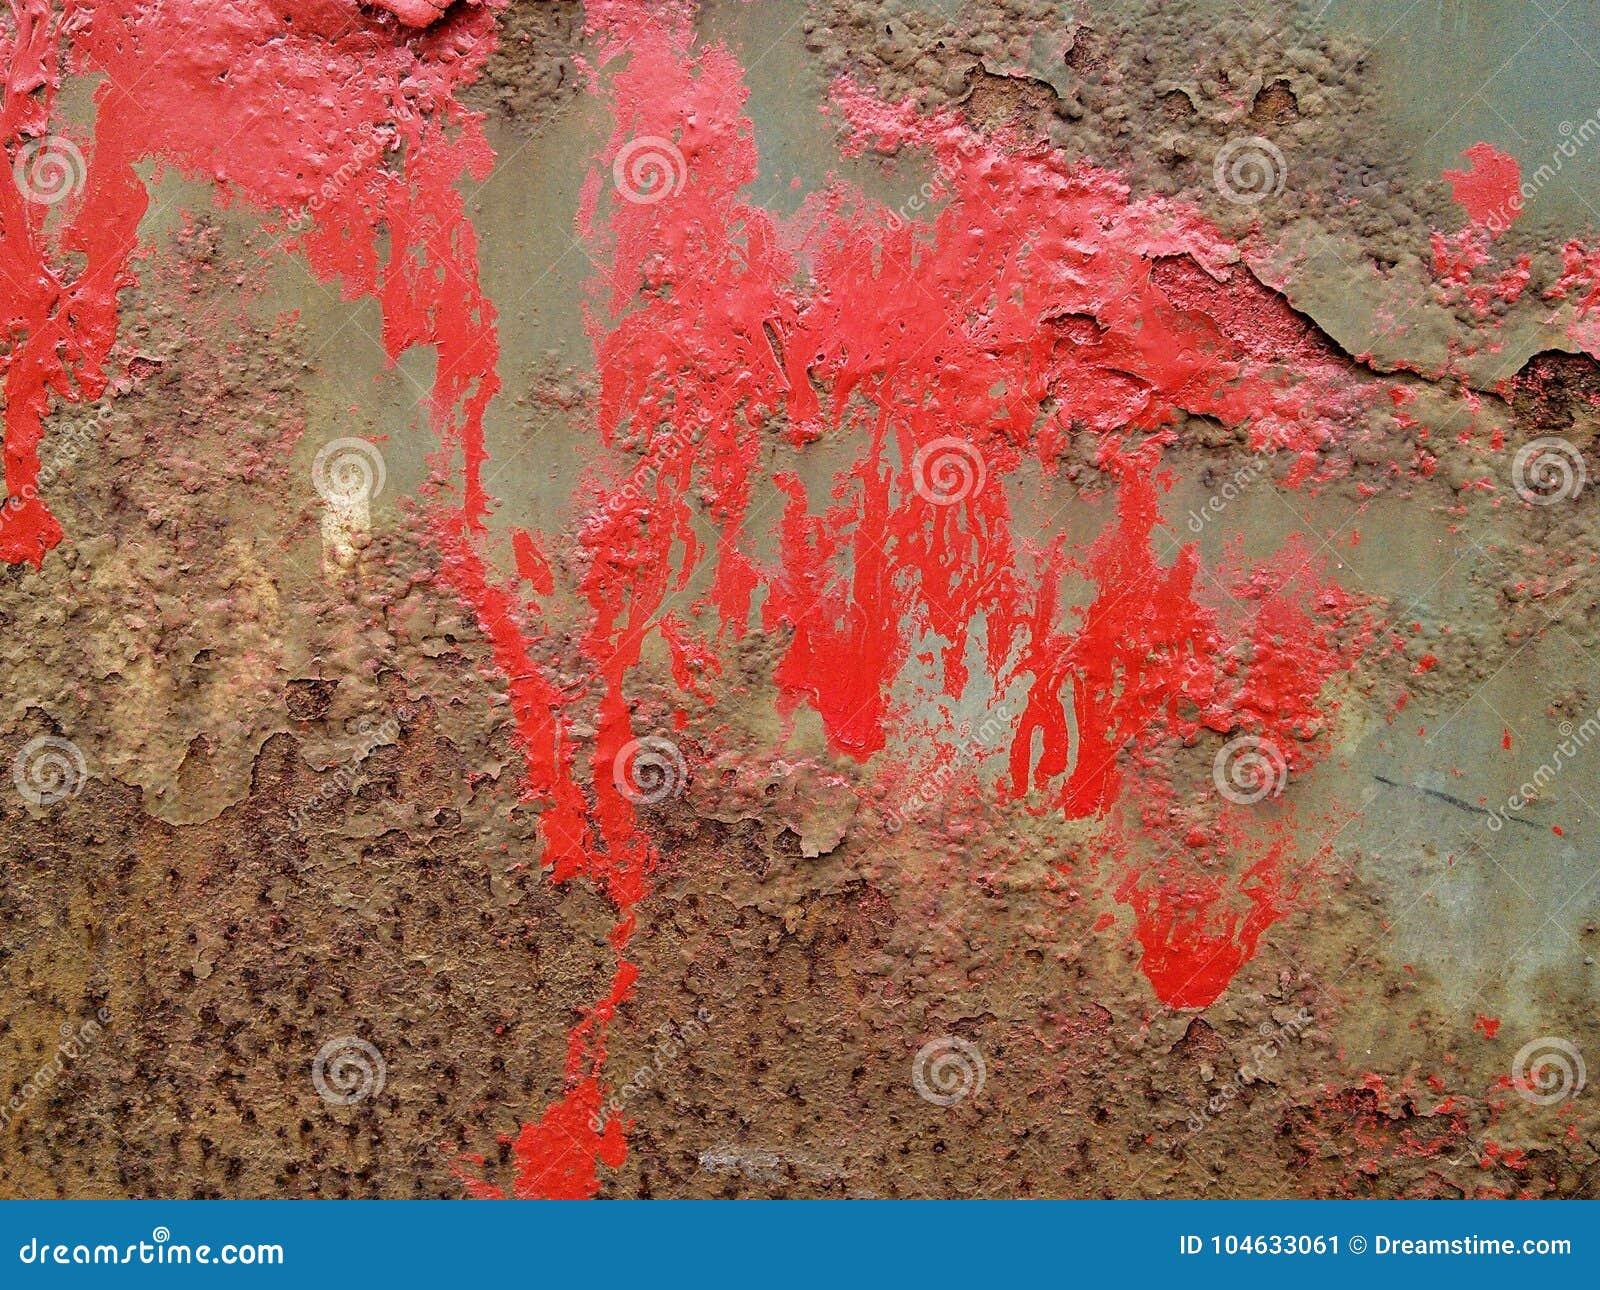 Download Achtergrond Met Structuur En Textuur Van Oude Metaalmuur Stock Afbeelding - Afbeelding bestaande uit grunge, rotsen: 104633061